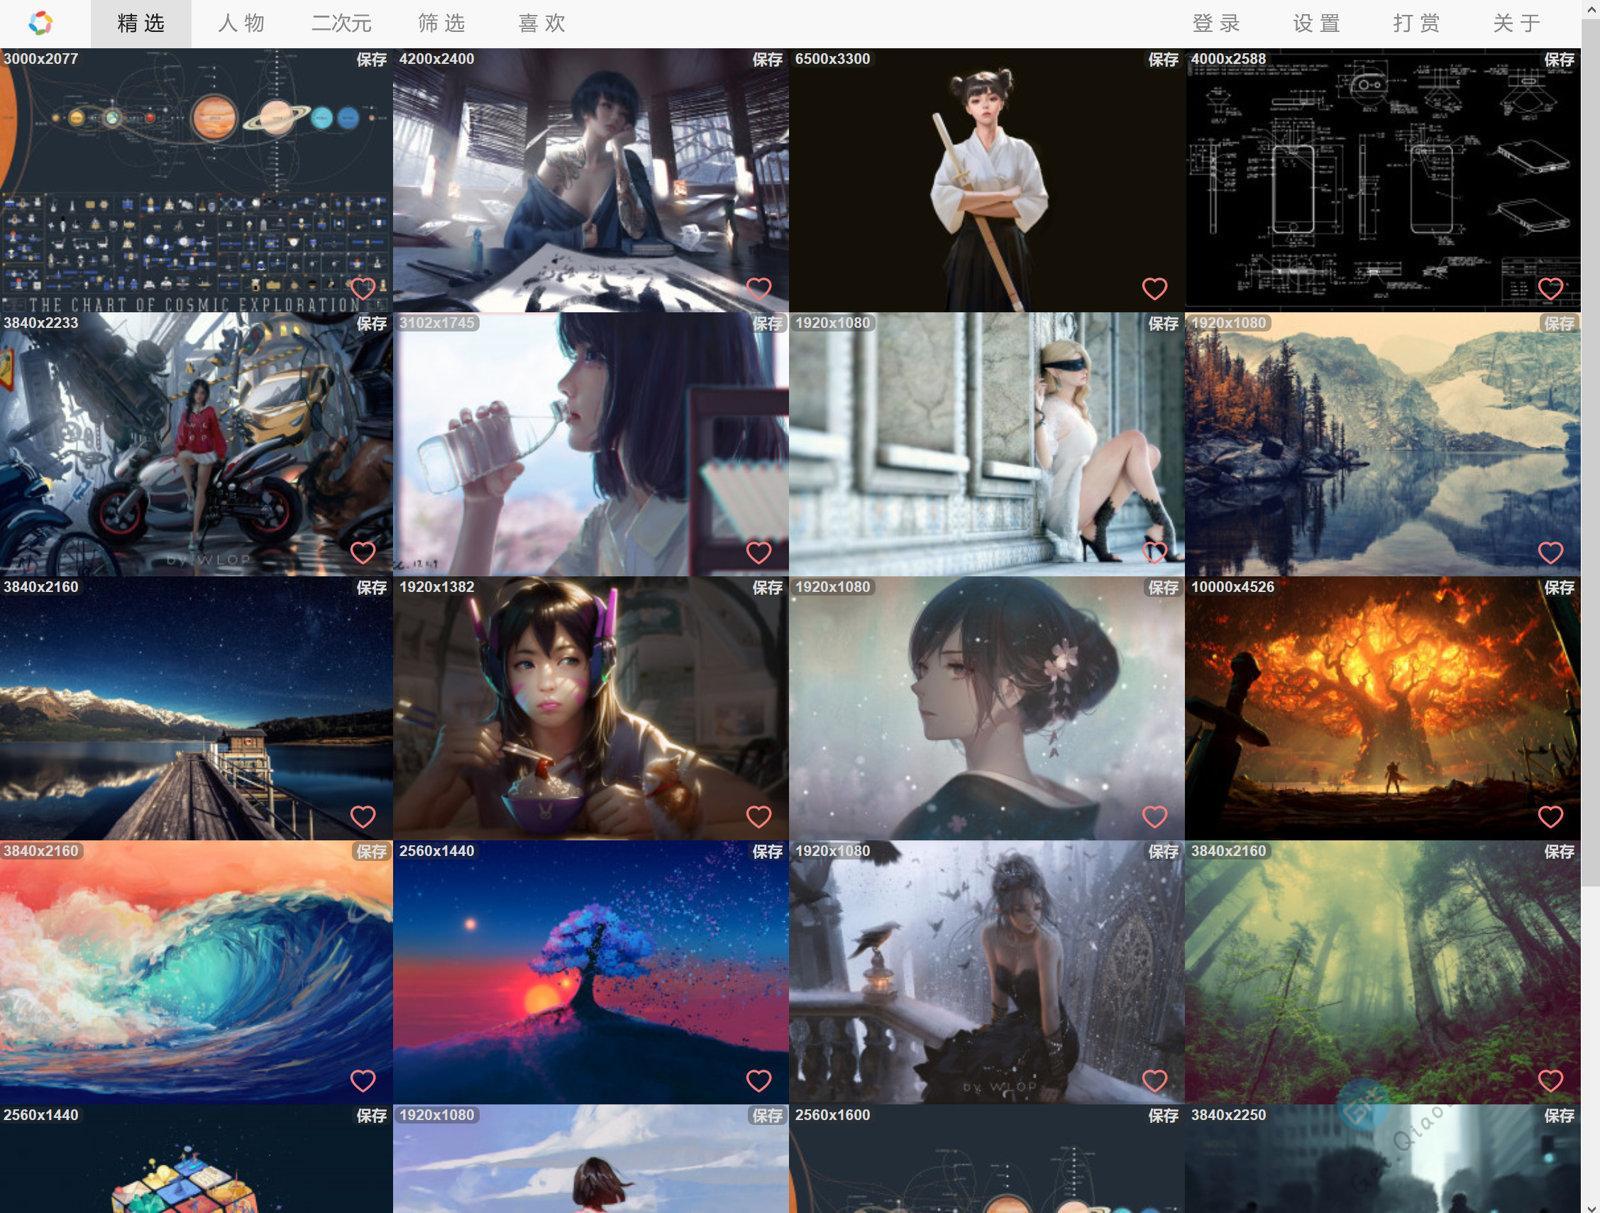 游戏、动漫、二次元更多一些的新潮4K超清桌面壁纸图片下载网站